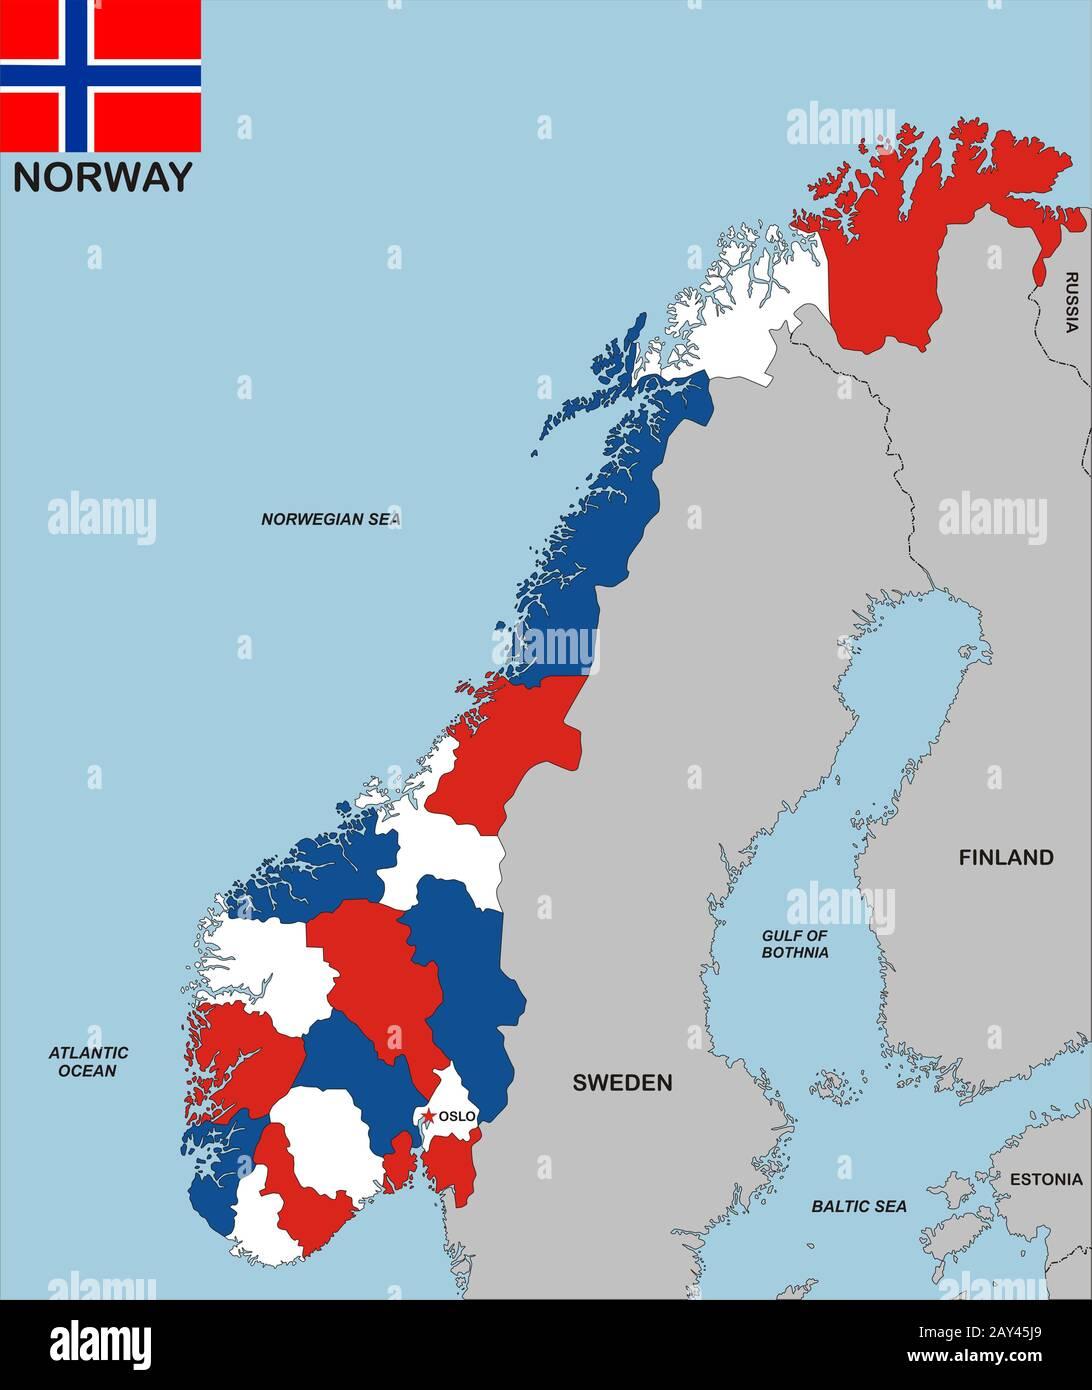 Cartina Politica Norvegia.Mappa Della Norvegia Immagini E Fotos Stock Alamy